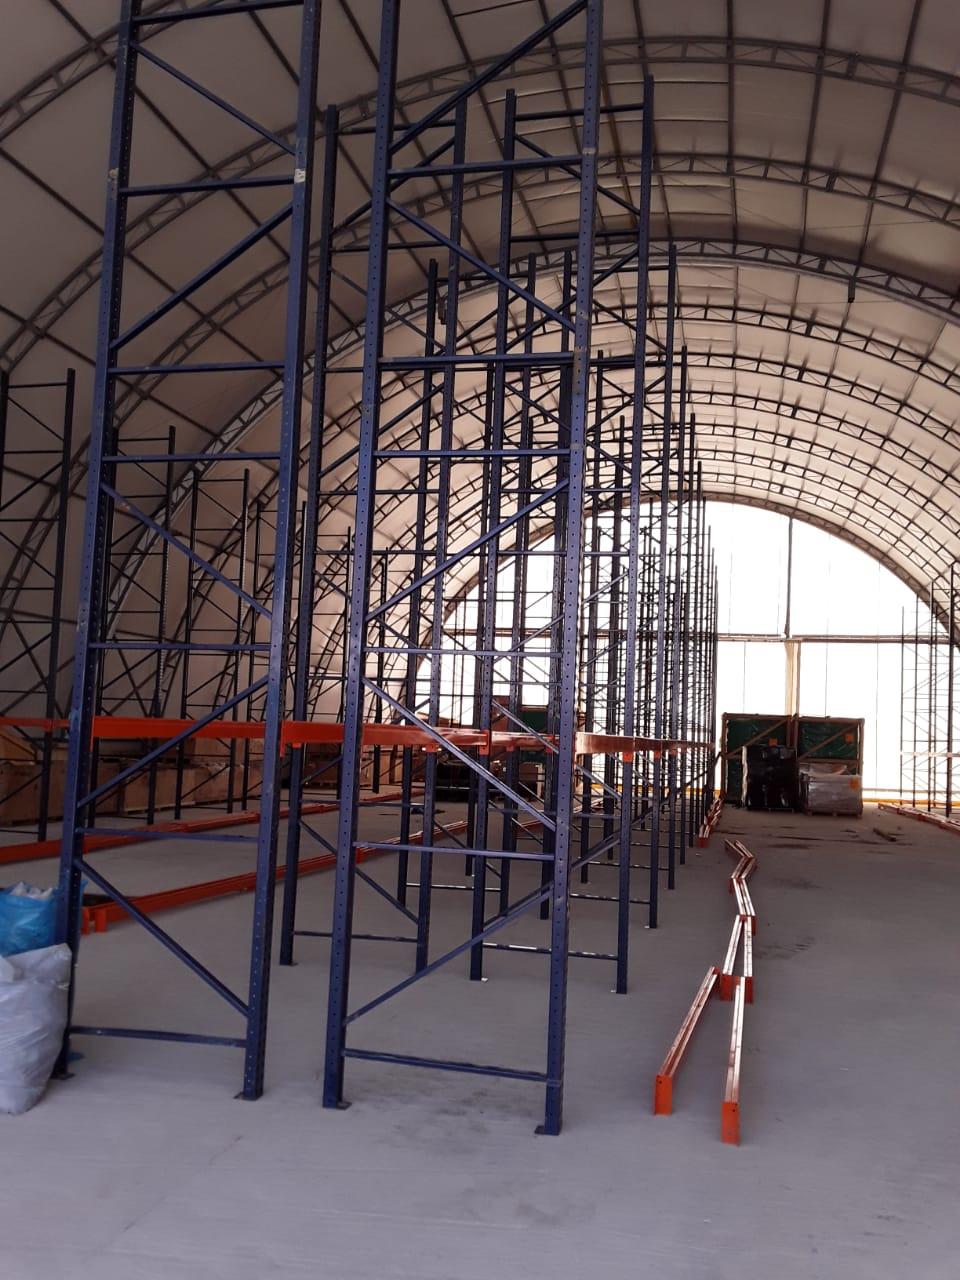 estanteria metalica industrial Pesada para ecobodegas ecopetrol solmetal (4)